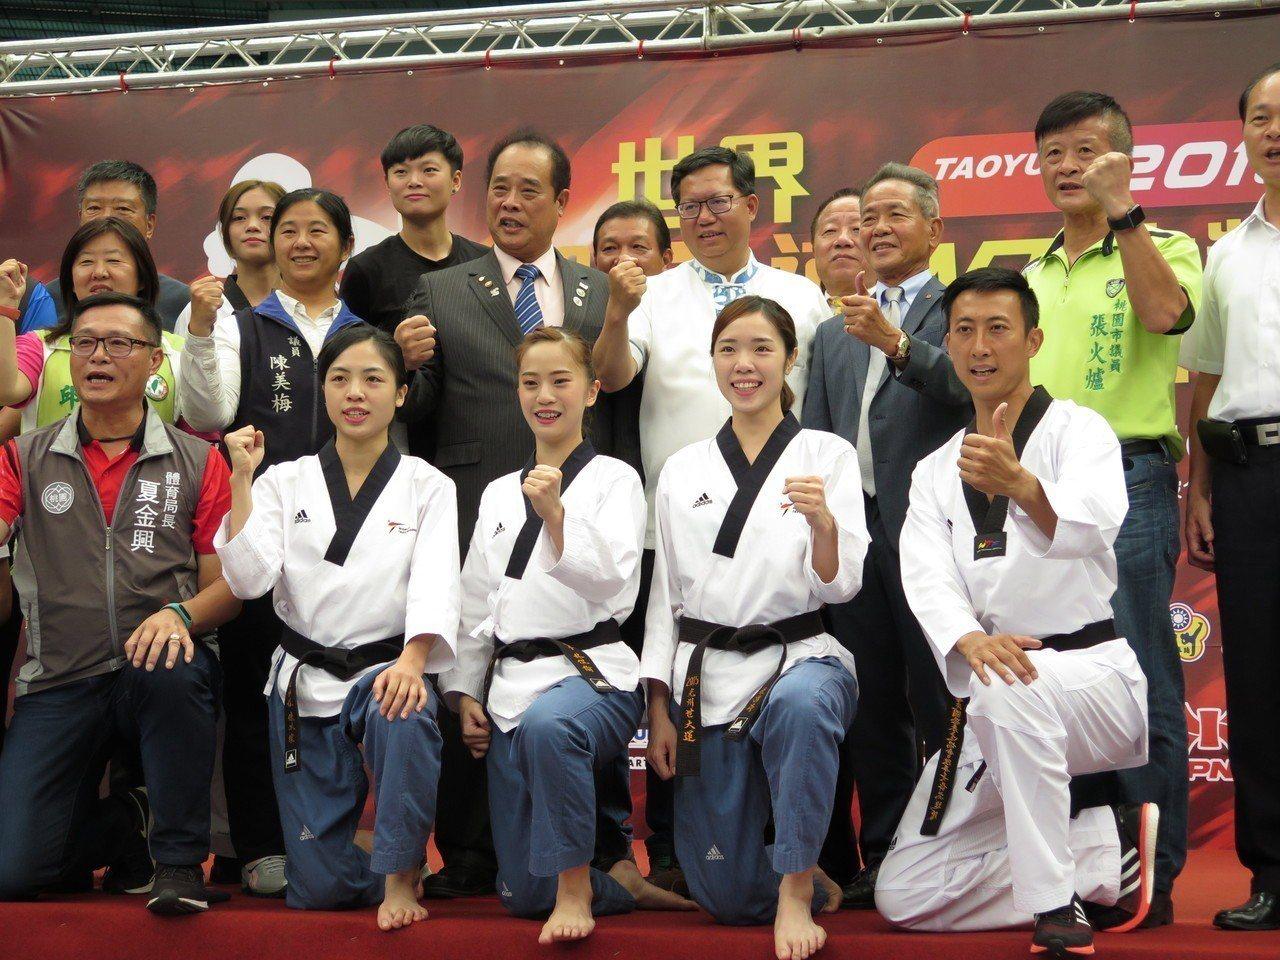 台灣首度舉辦世界跆拳道大獎賽,19日起一連3天在桃園巨蛋登場。記者張裕珍/攝影